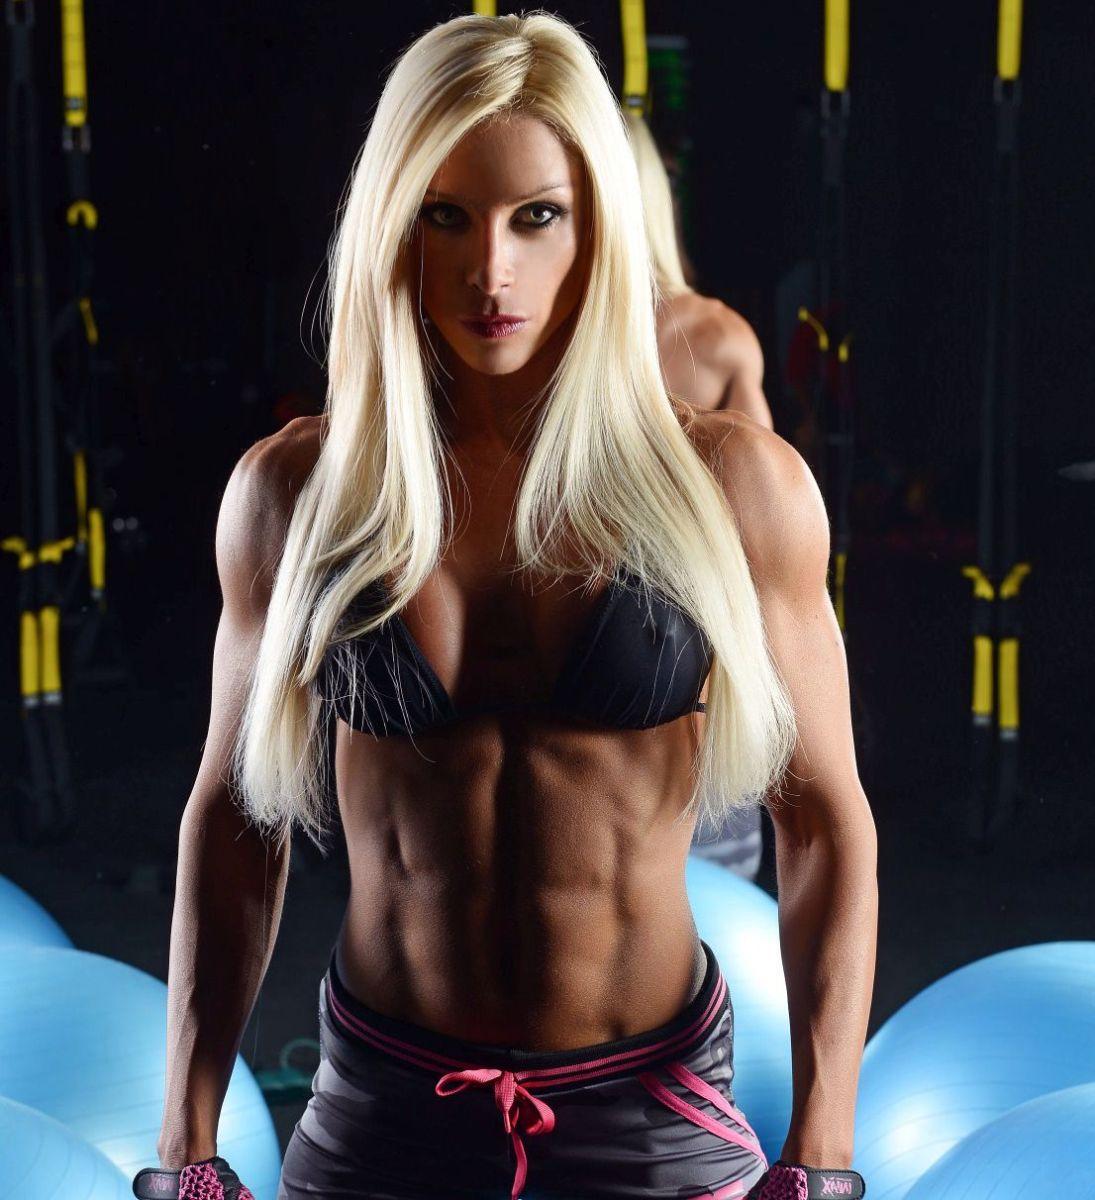 Katalin Jasztrab - Female Fitness